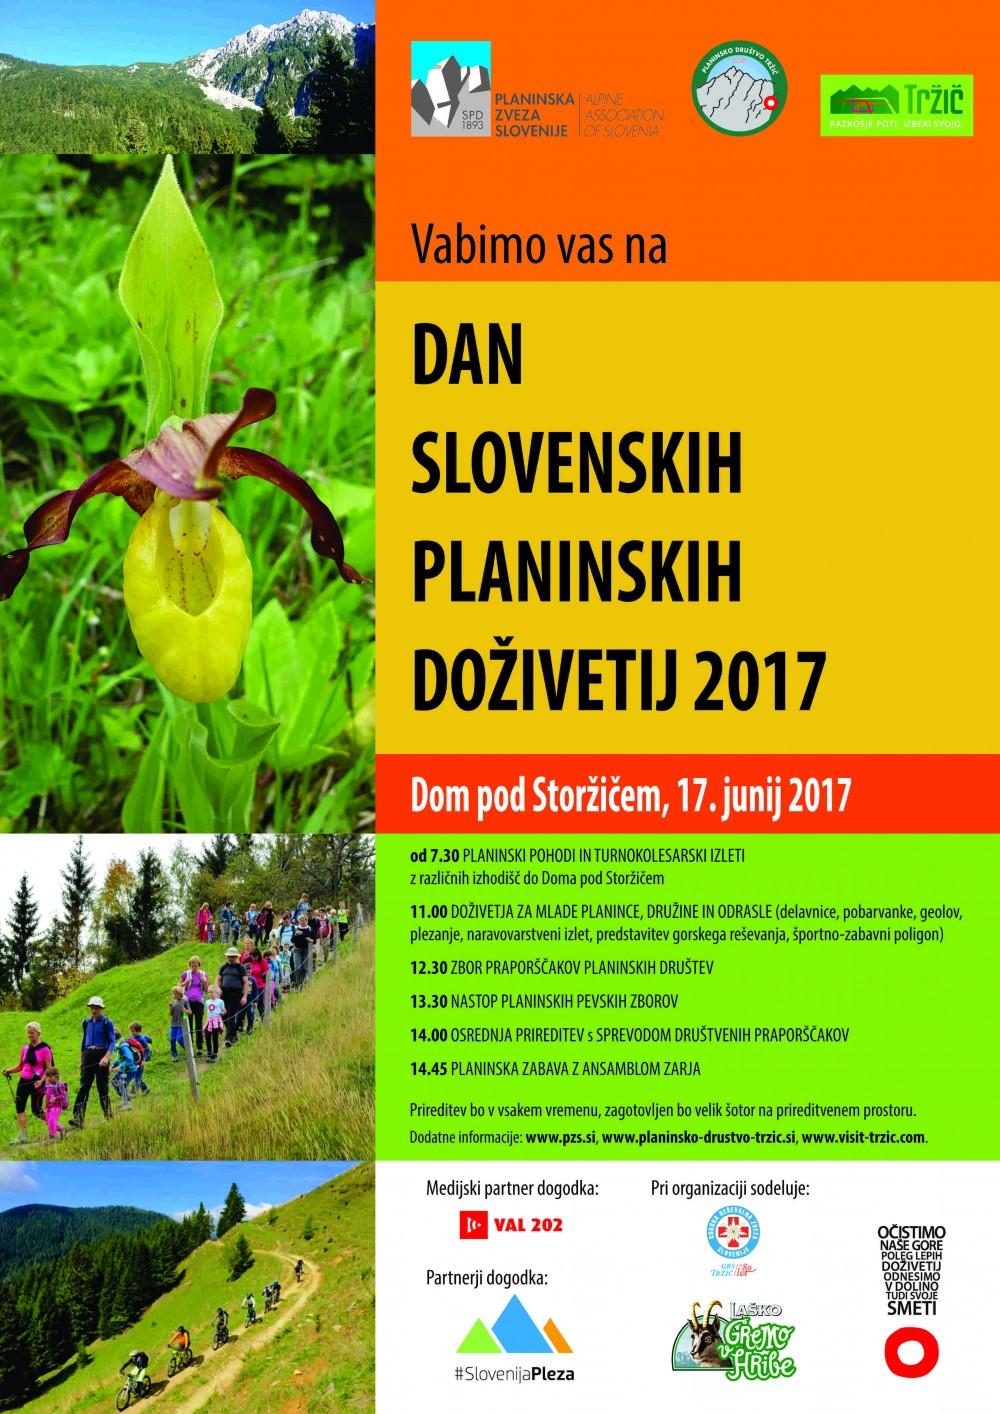 Dan slovenskih planinskih doživetij 2017